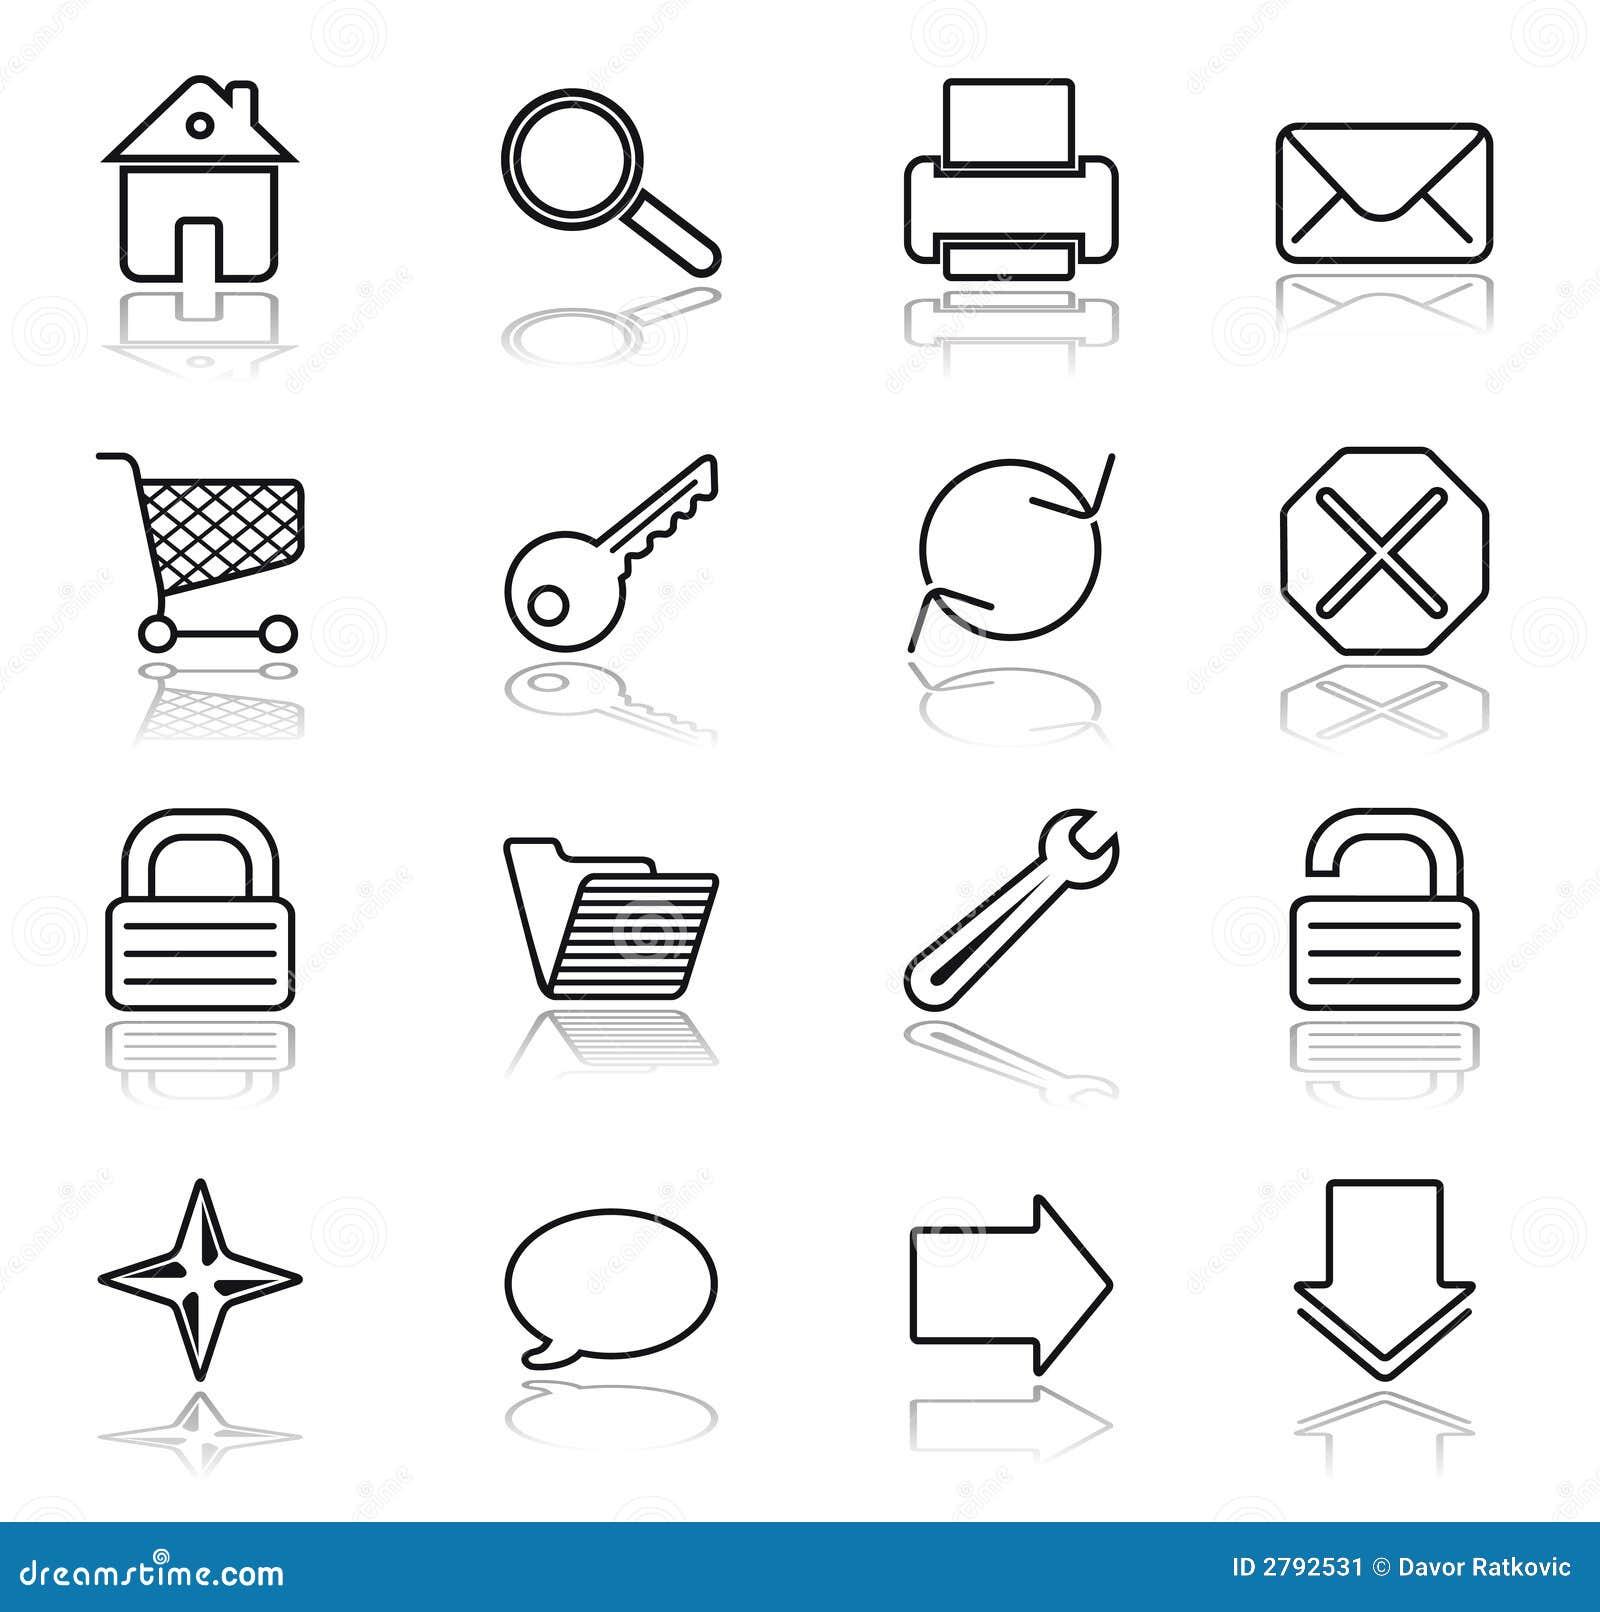 Web Black On White Icons Stock Image - Image: 2792531